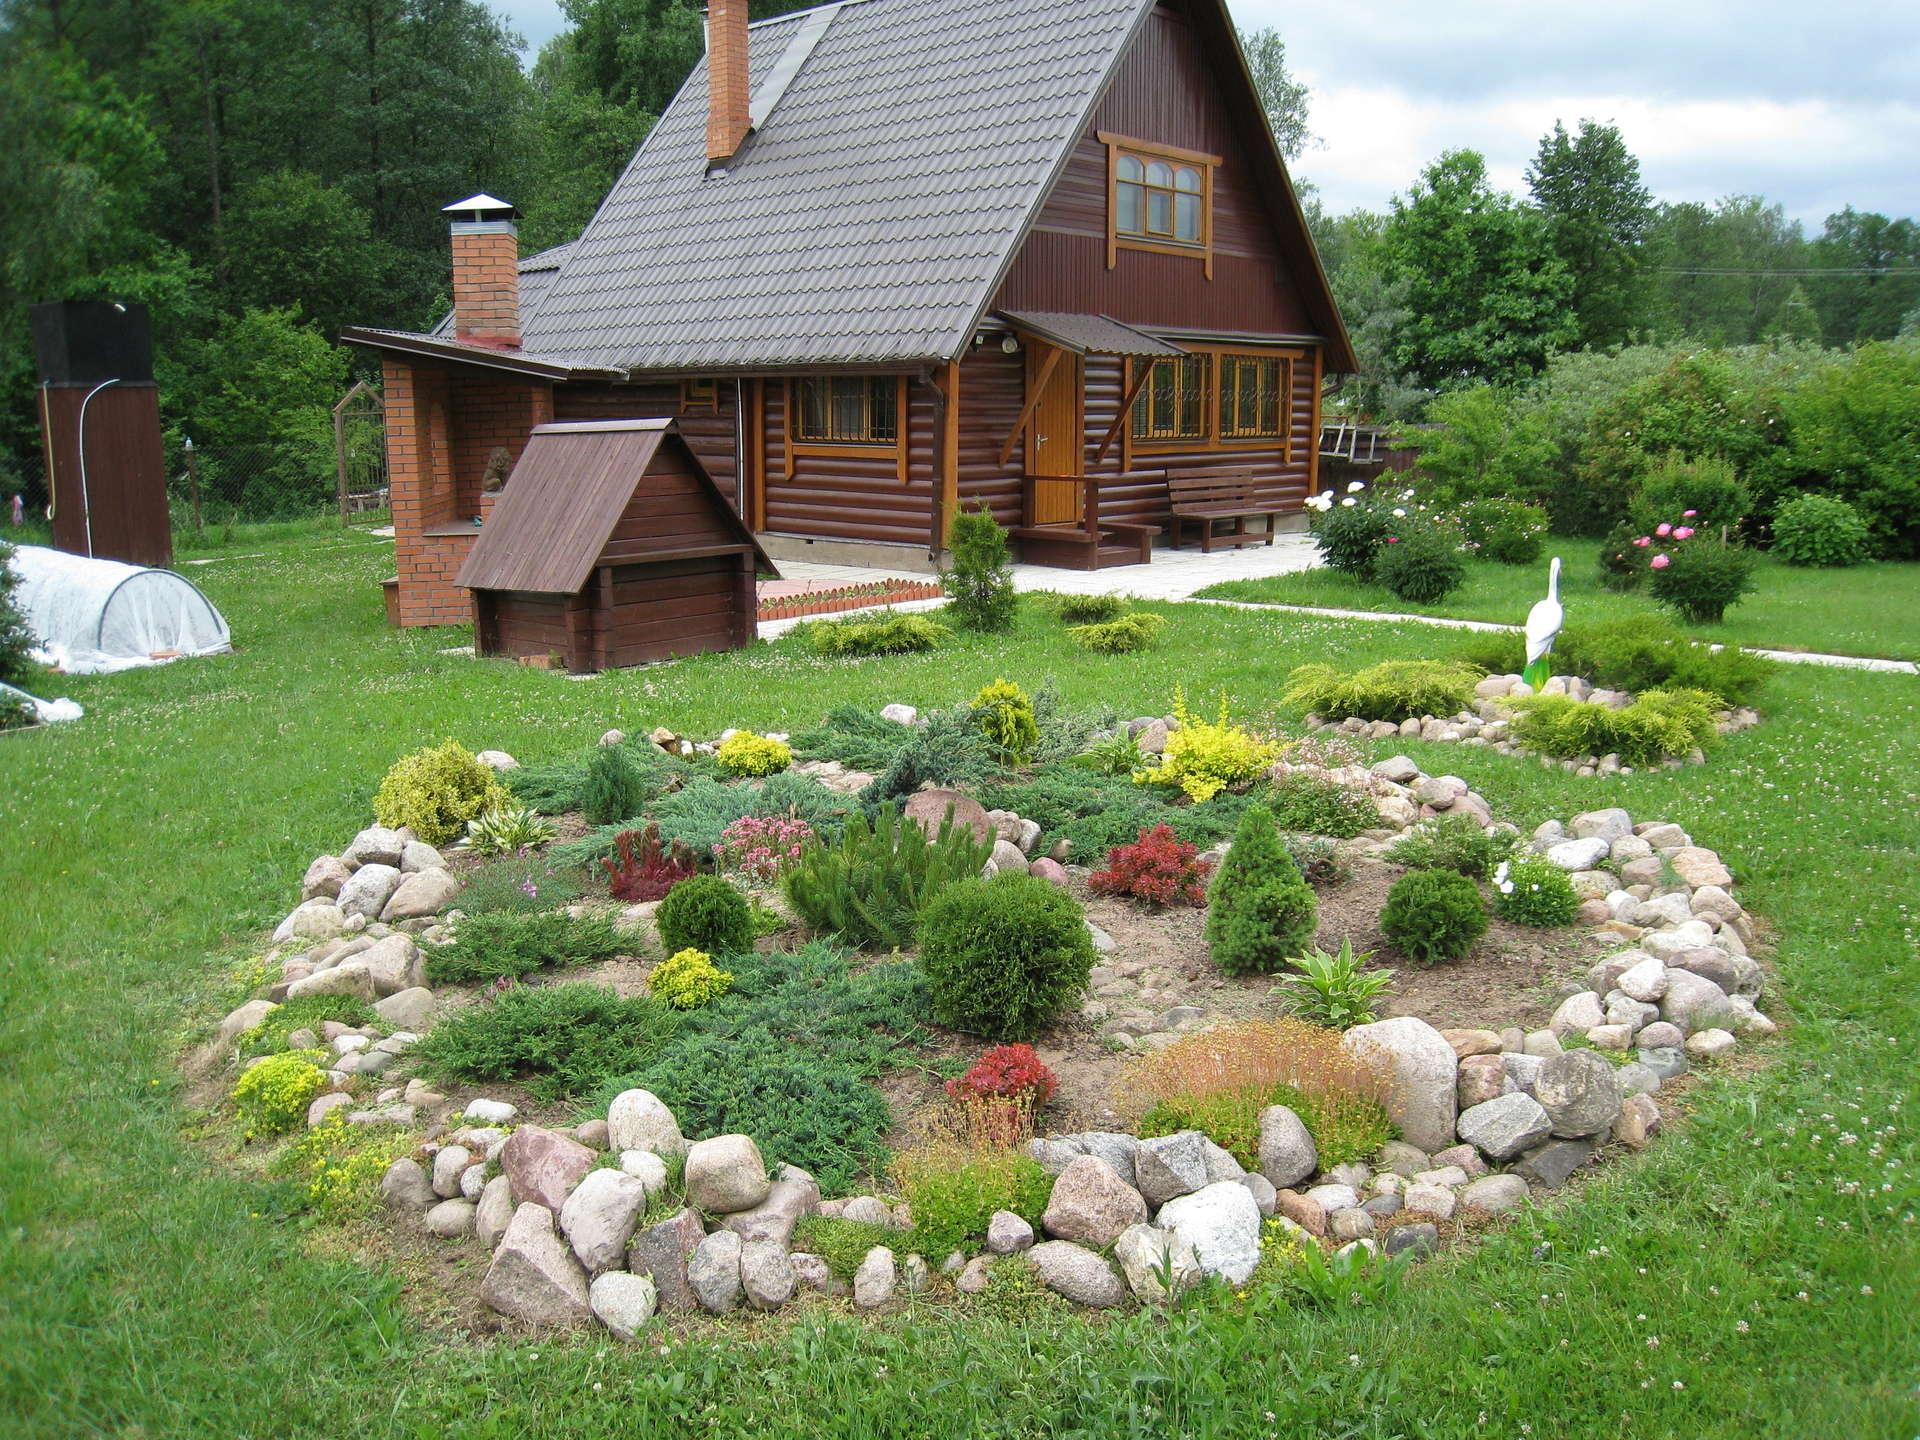 Дизайн дачного участка 6 — 30 соток 🎍 своими руками: фото дачи с домом и грядками